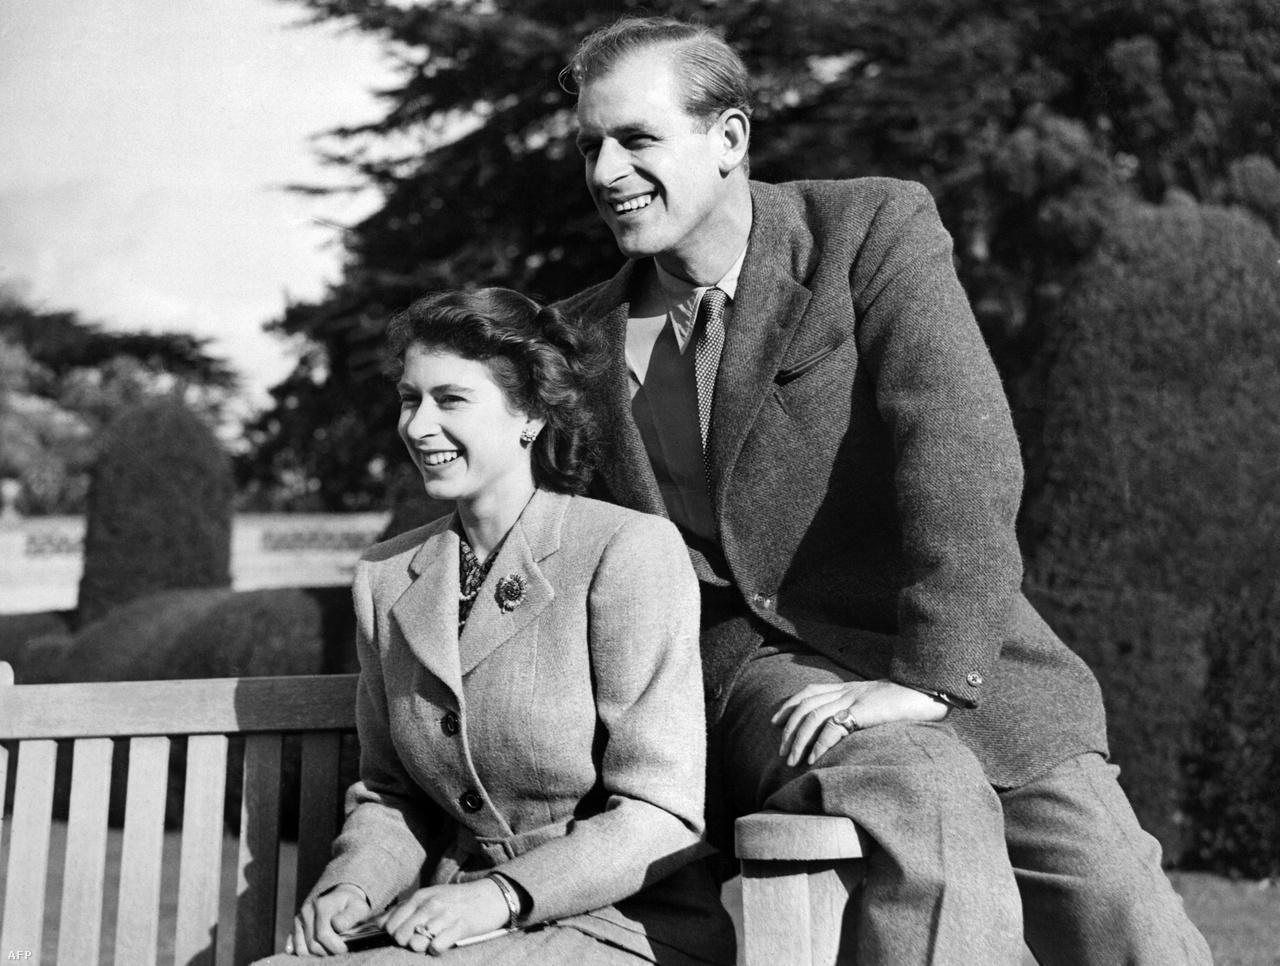 Erzsébet hercegnő és Fülöp herceg a nászútjukon 1947-ben.